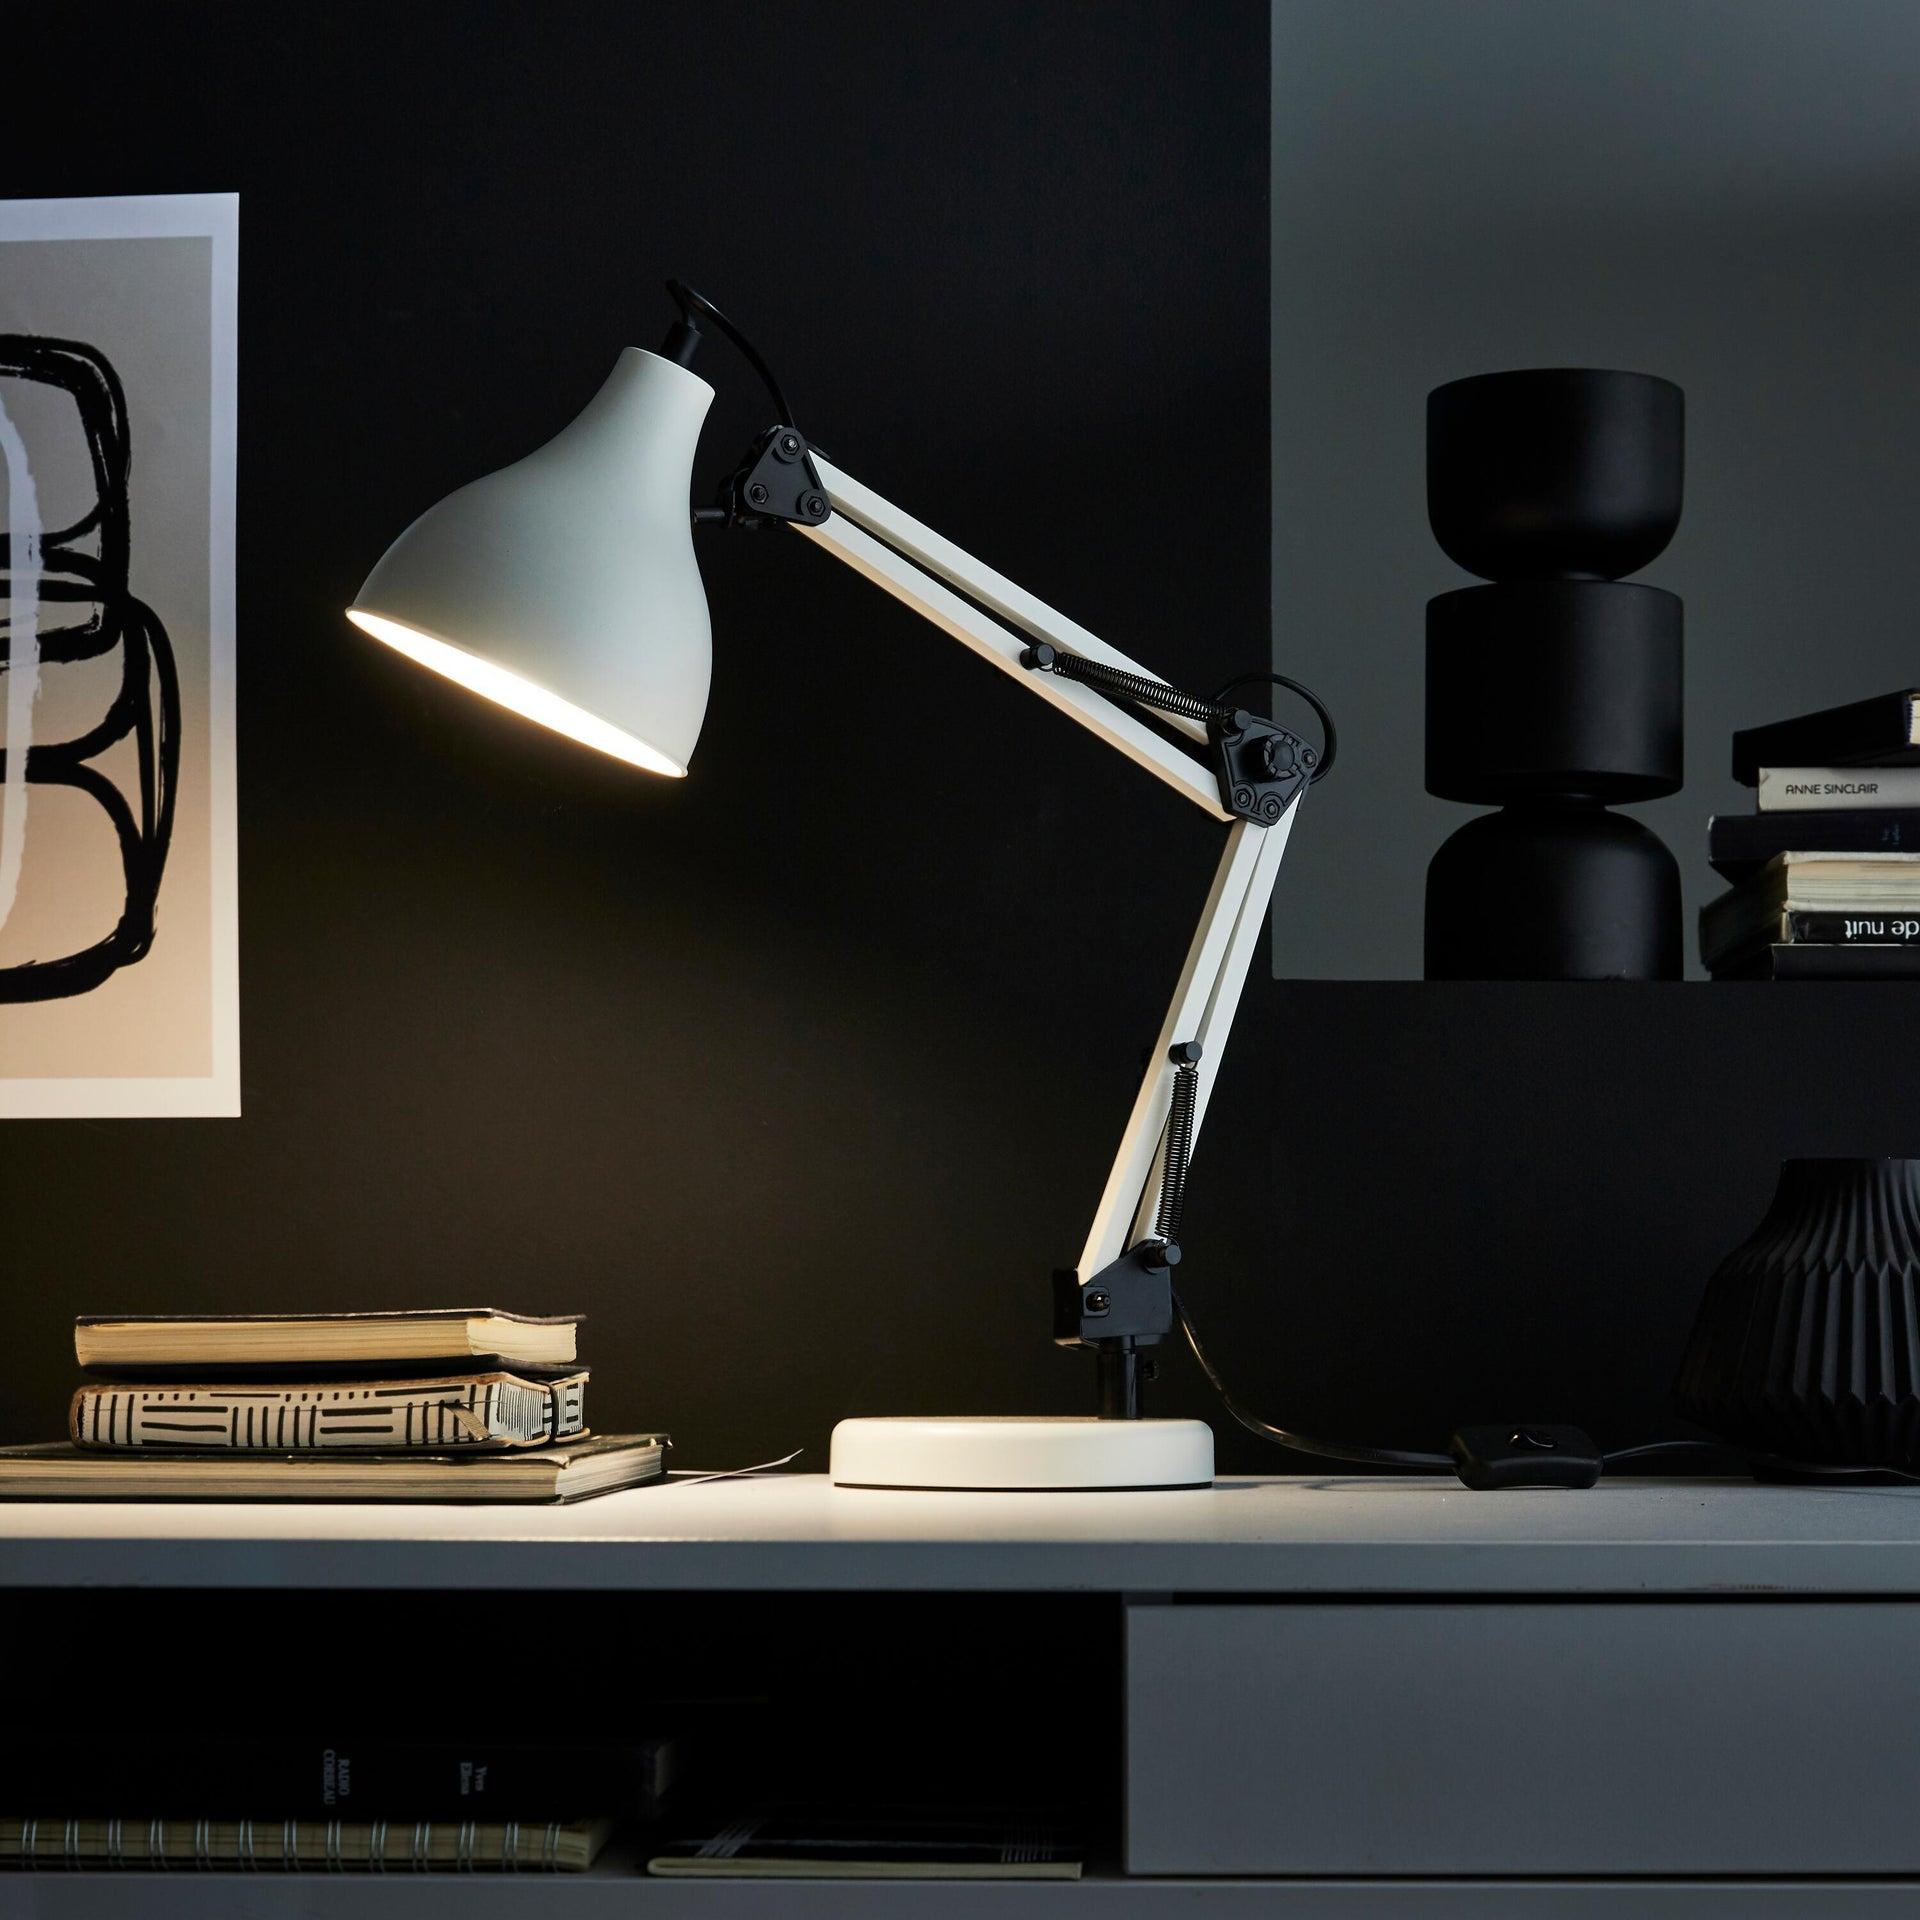 Lampada da scrivania Industriale Ennis bianco , in metallo, INSPIRE - 9